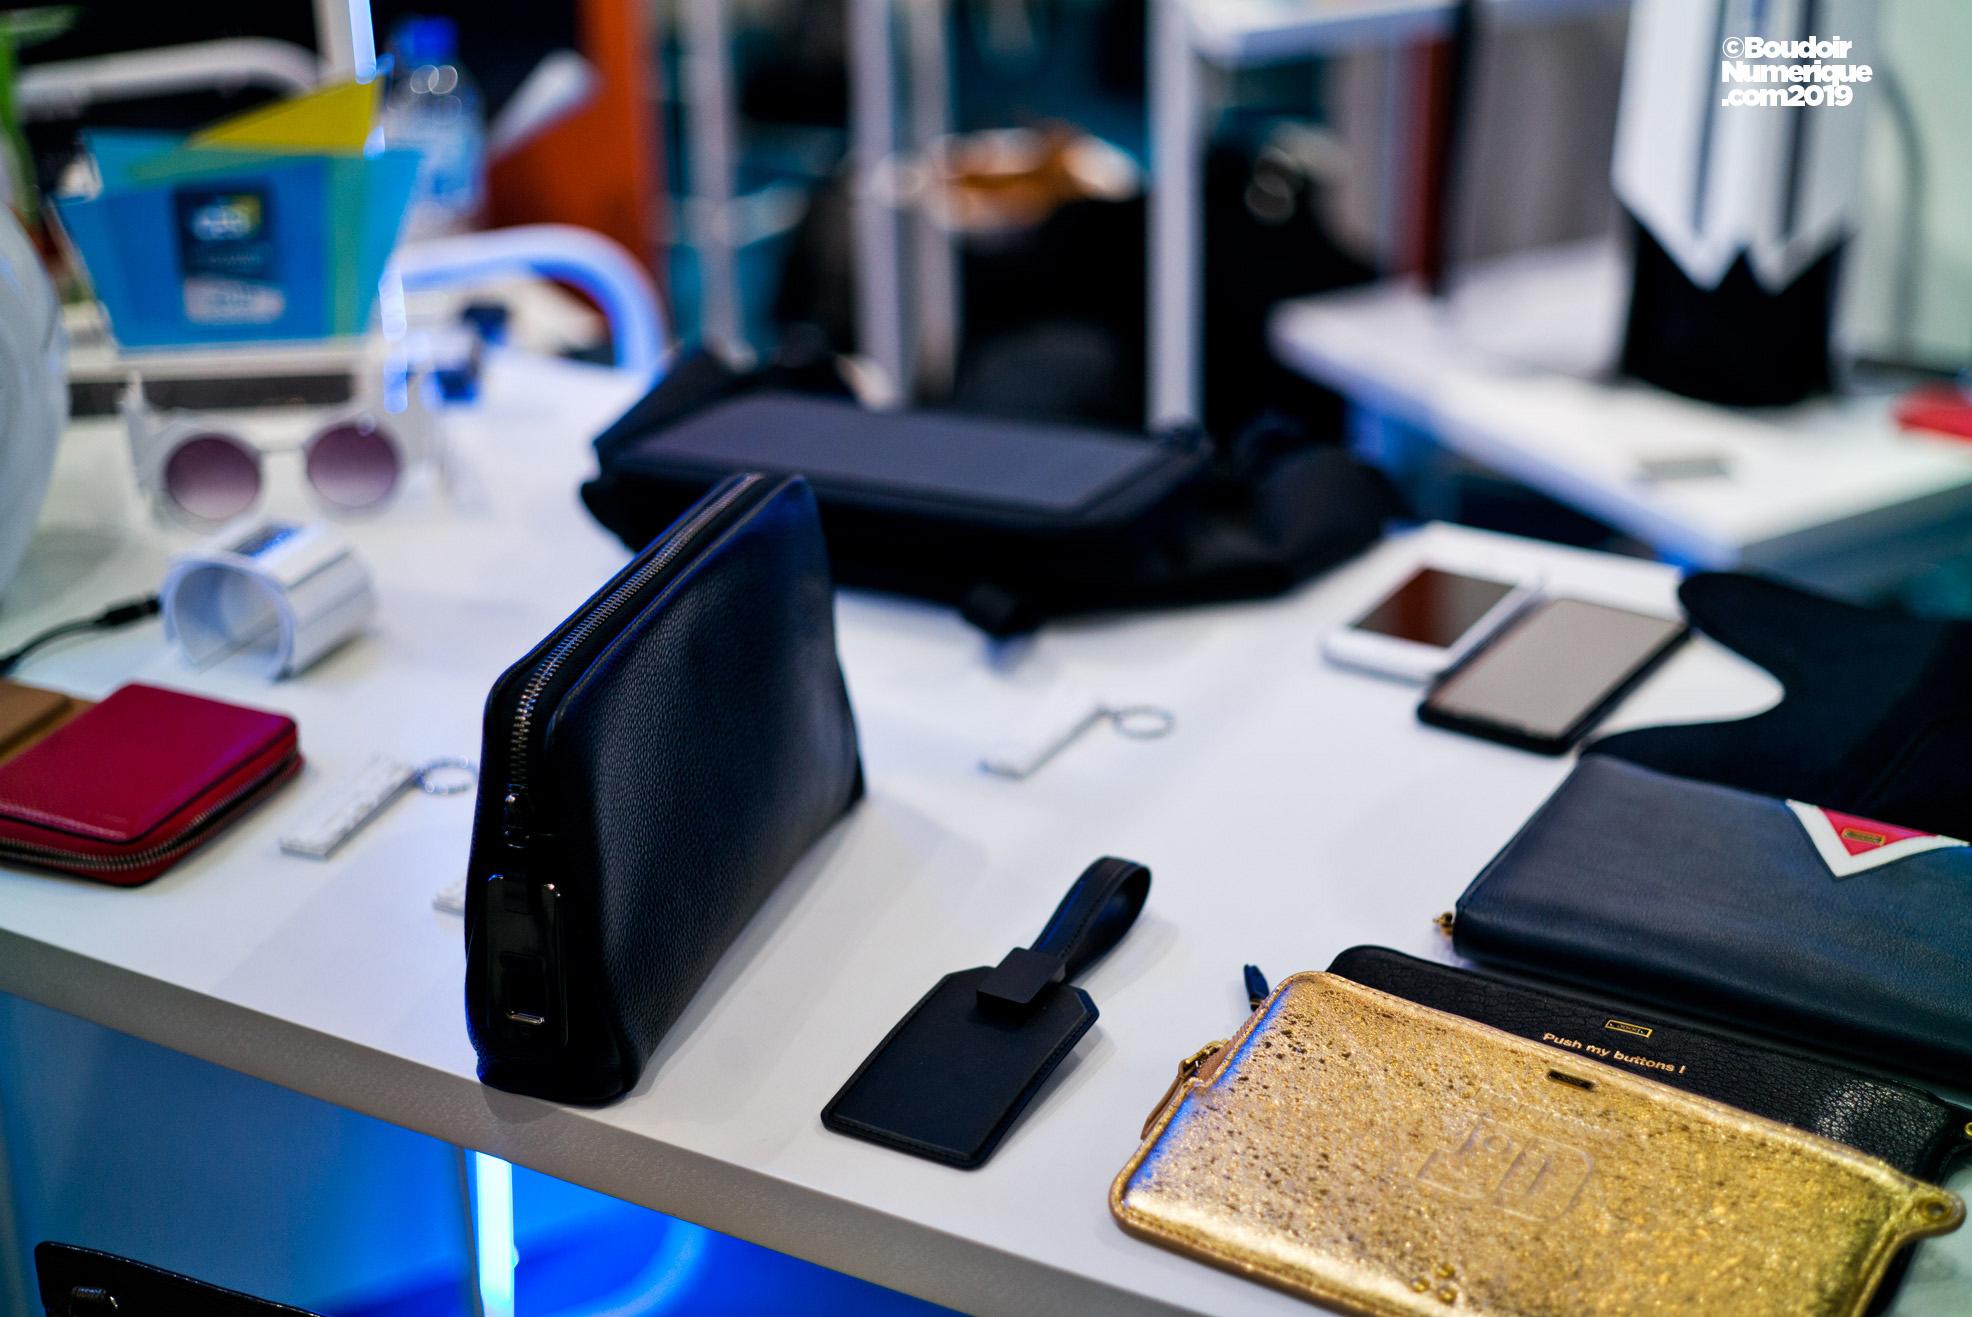 La société française De Rigueur Lab a créé pour la marque d'accessoires Jérome Dreyfuss une pochette pour recharger son téléphone, de même qu'un portefeuille pour le maroquinier Lancel, sur le même concept. Un sac banane et un sac à dos à panneaux solaires sortiront en avril 2019 chez la maison Lacoste.